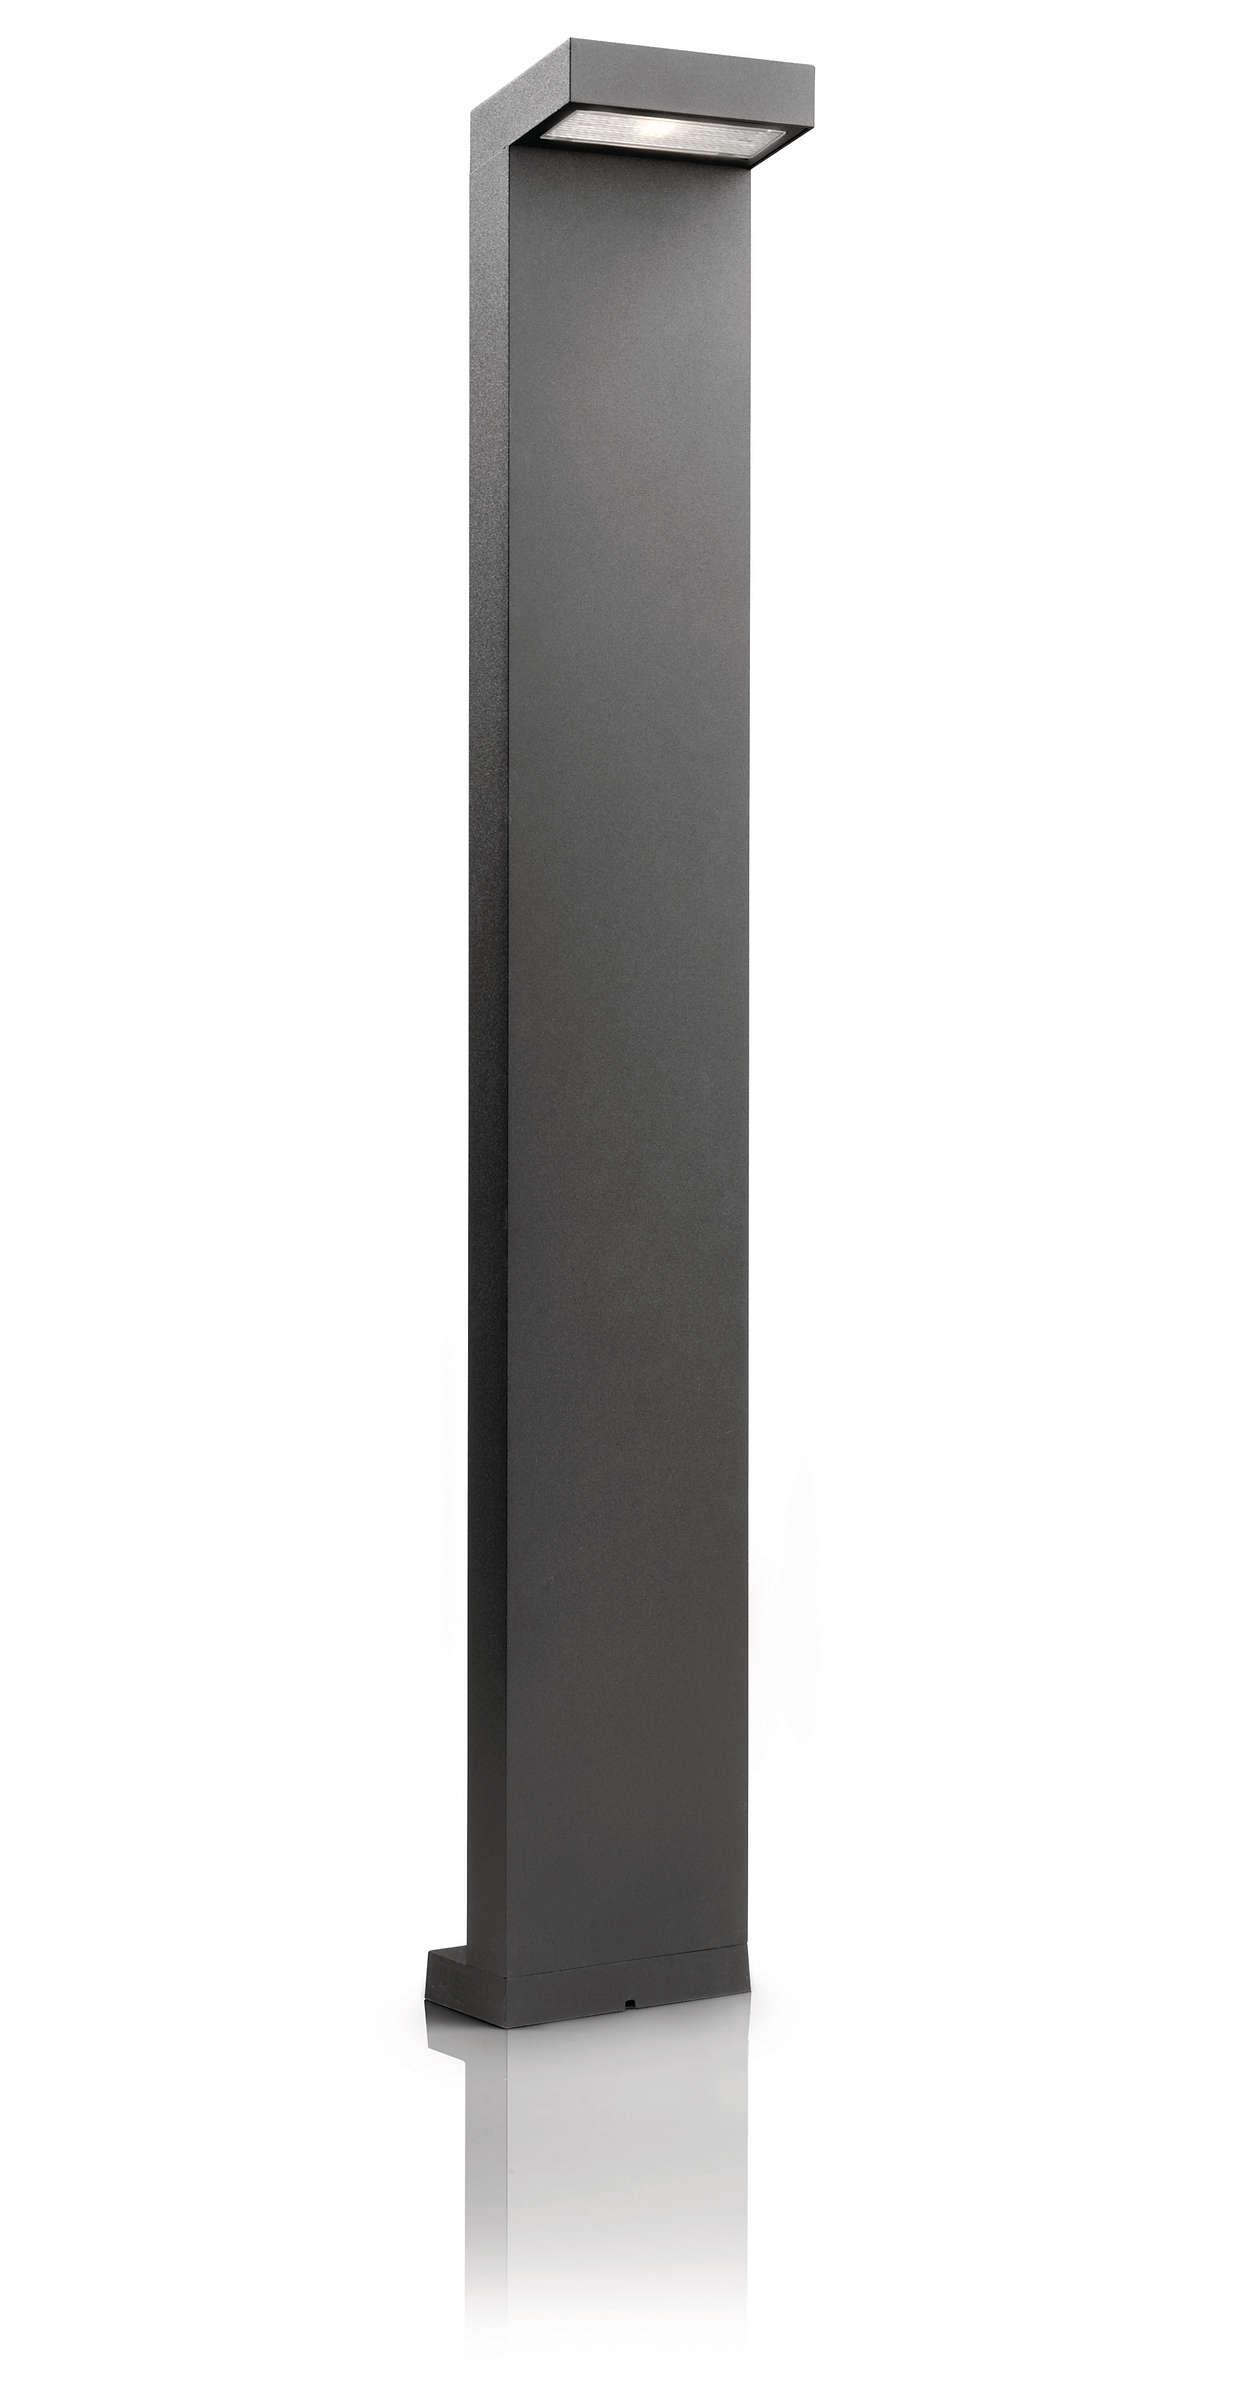 pedestal post 163219316 philips. Black Bedroom Furniture Sets. Home Design Ideas